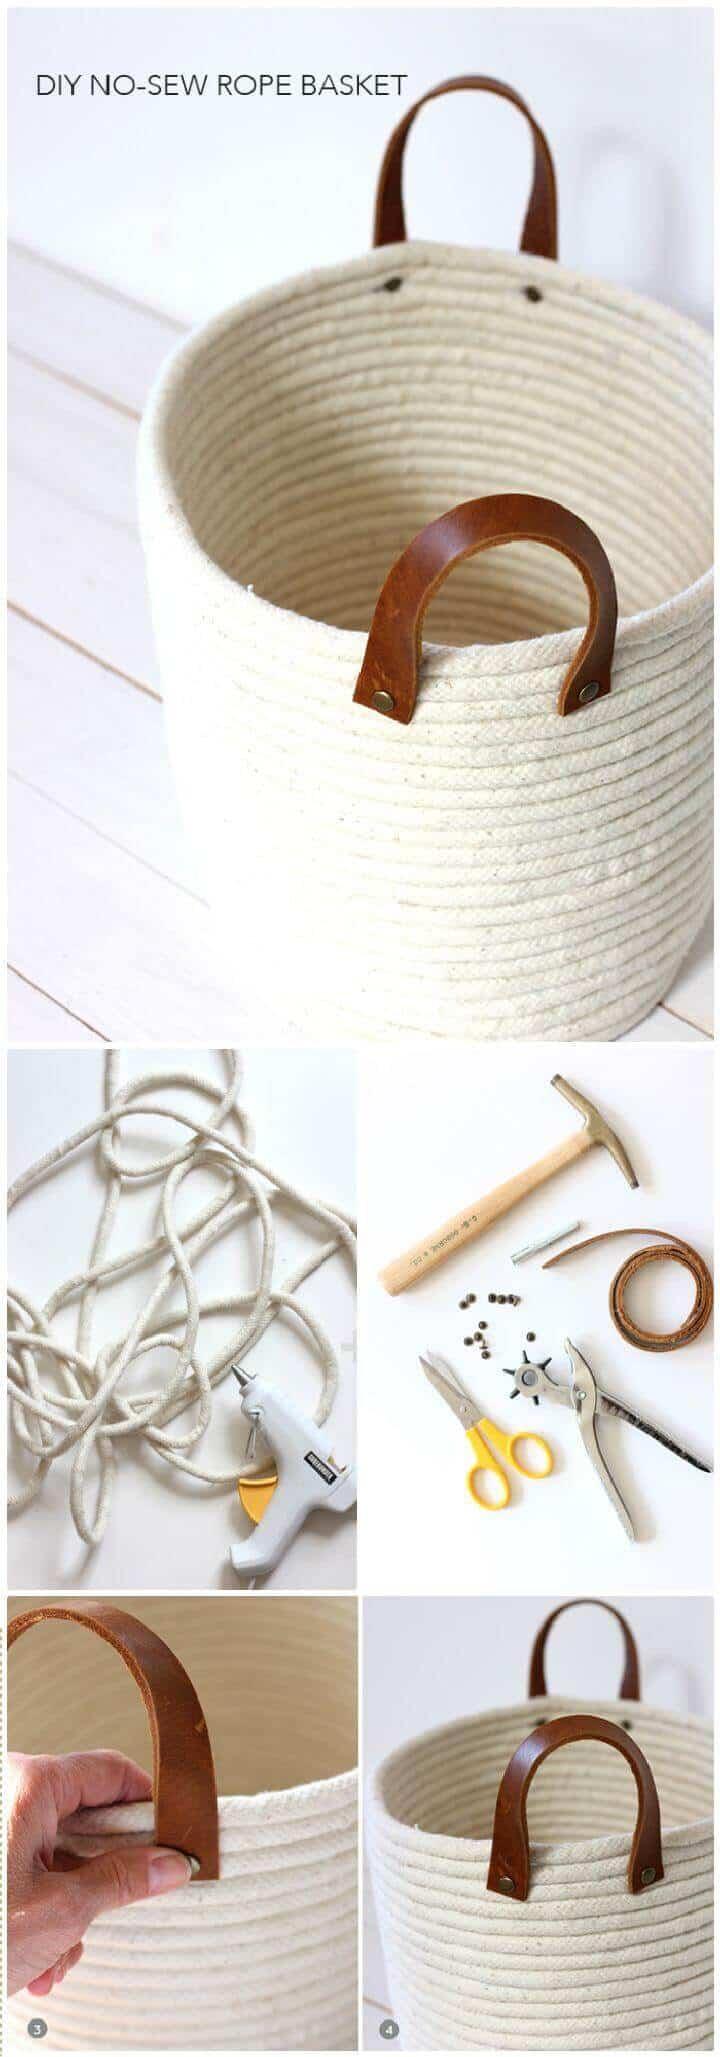 Haz una canasta de bobinas de cuerda sin costuras para hacer bricolaje